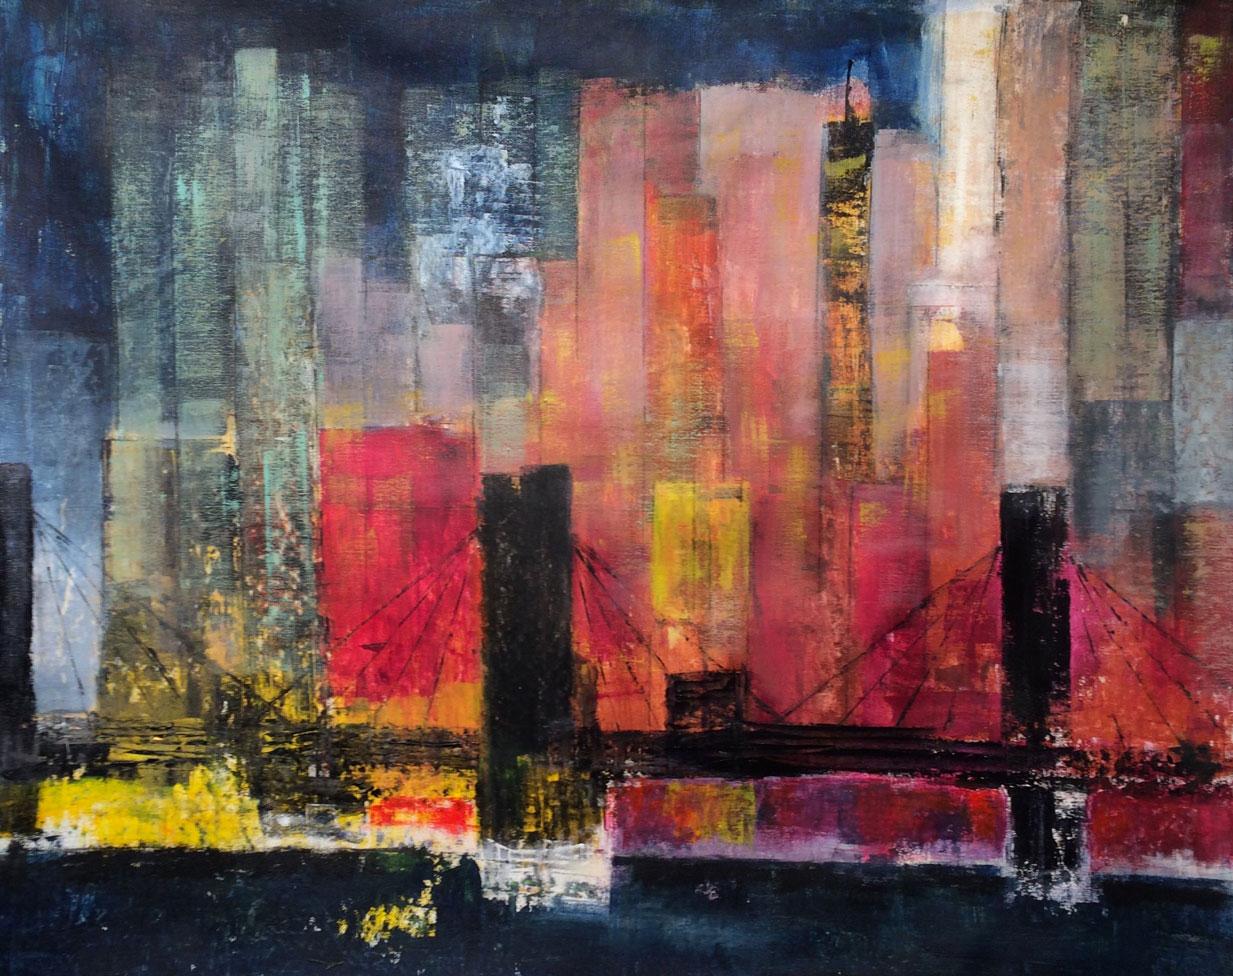 N°2167 - Skyline at sunset - Acrylique sur toile - 73 x 92 cm - 26 février 2016